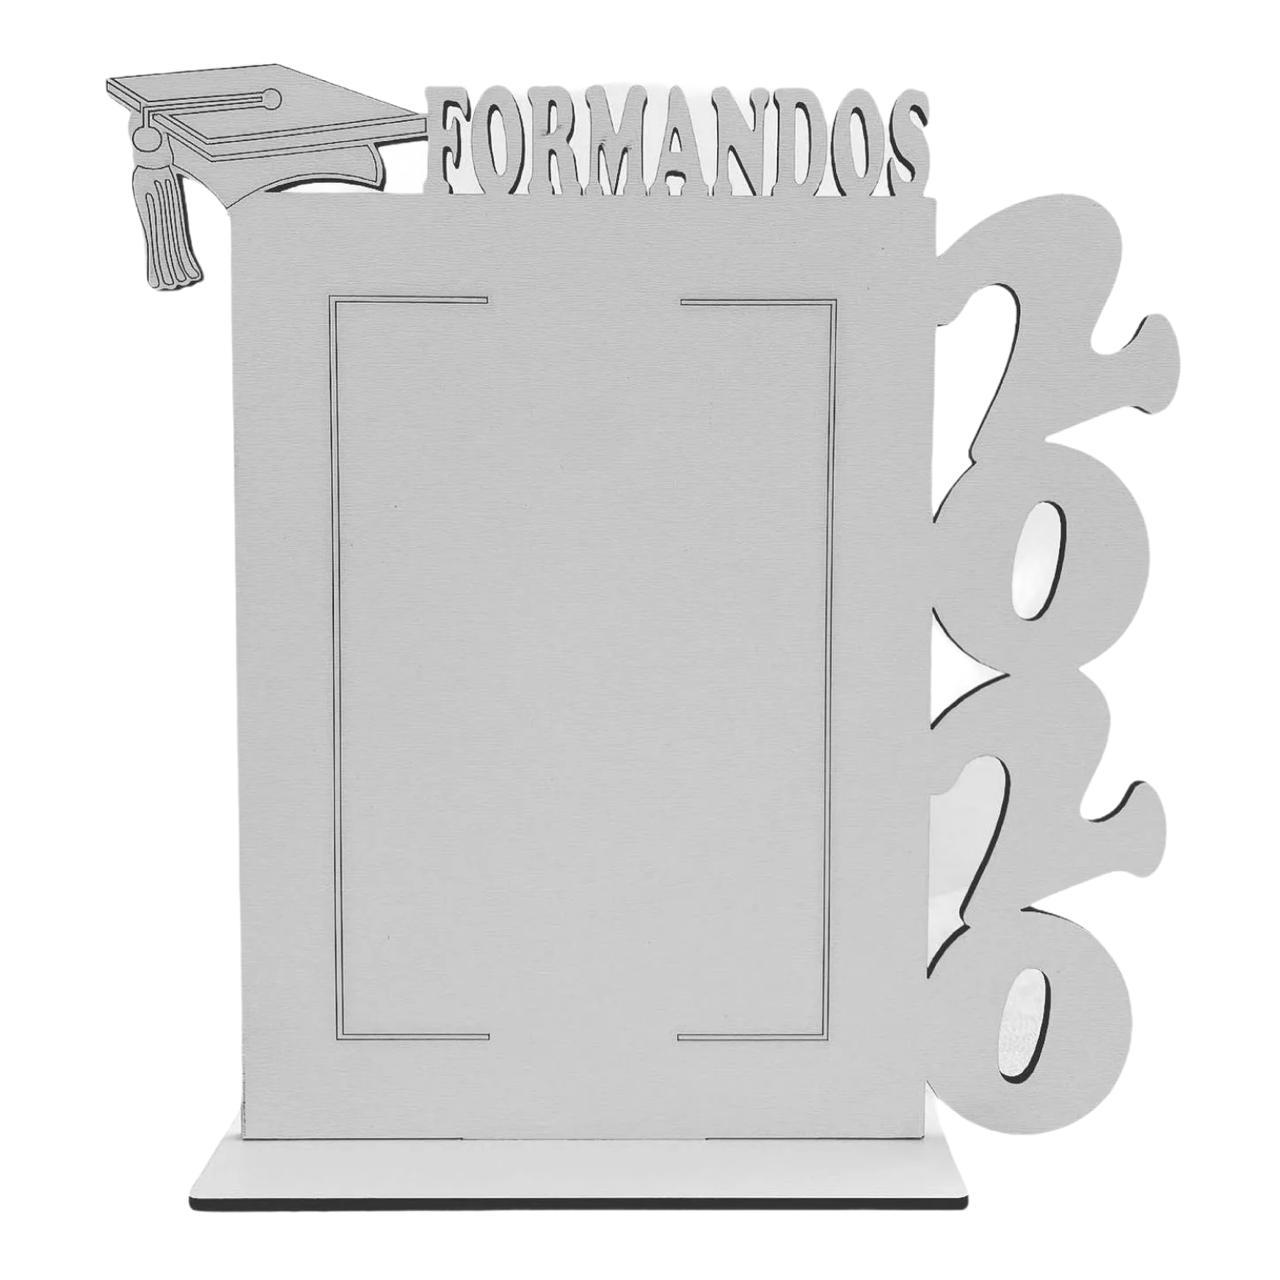 Porta Retrato Personalizado Formandos em MDF Branco Vertical